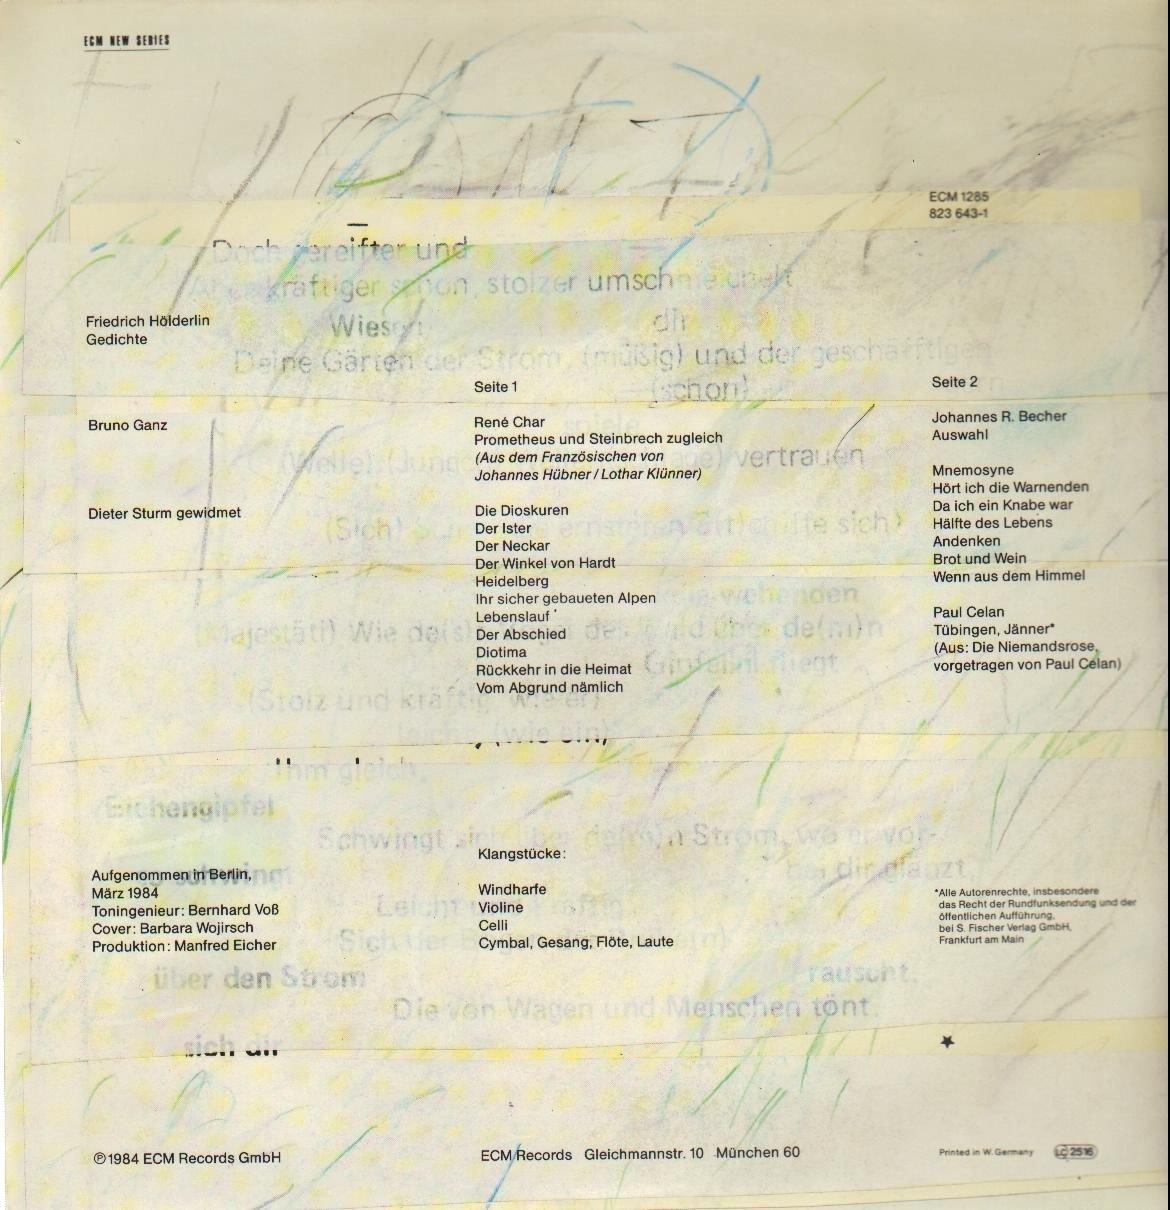 Gedichte Gelesen Von Bruno Ganz Vinyl Lp Vinyl Lp